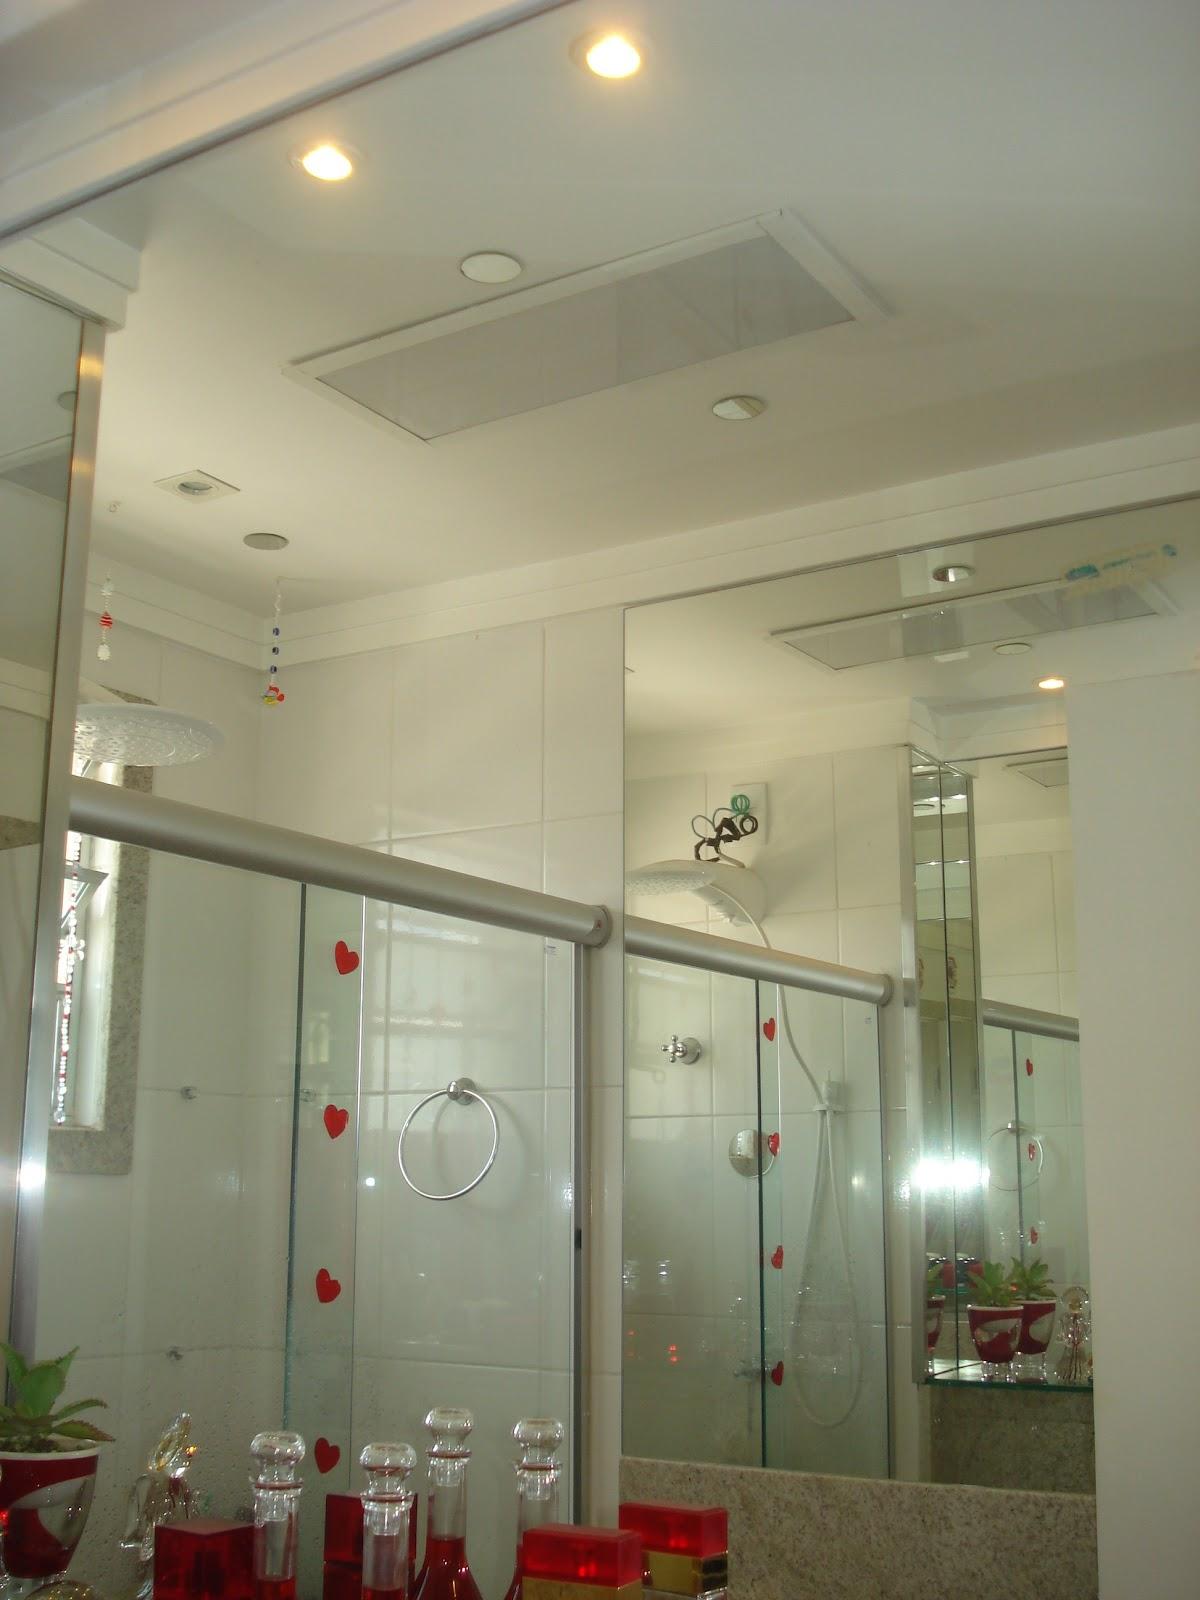 teto para equilibrar energia dos banheiros Banheiro no Guá do #613B29 1200 1600